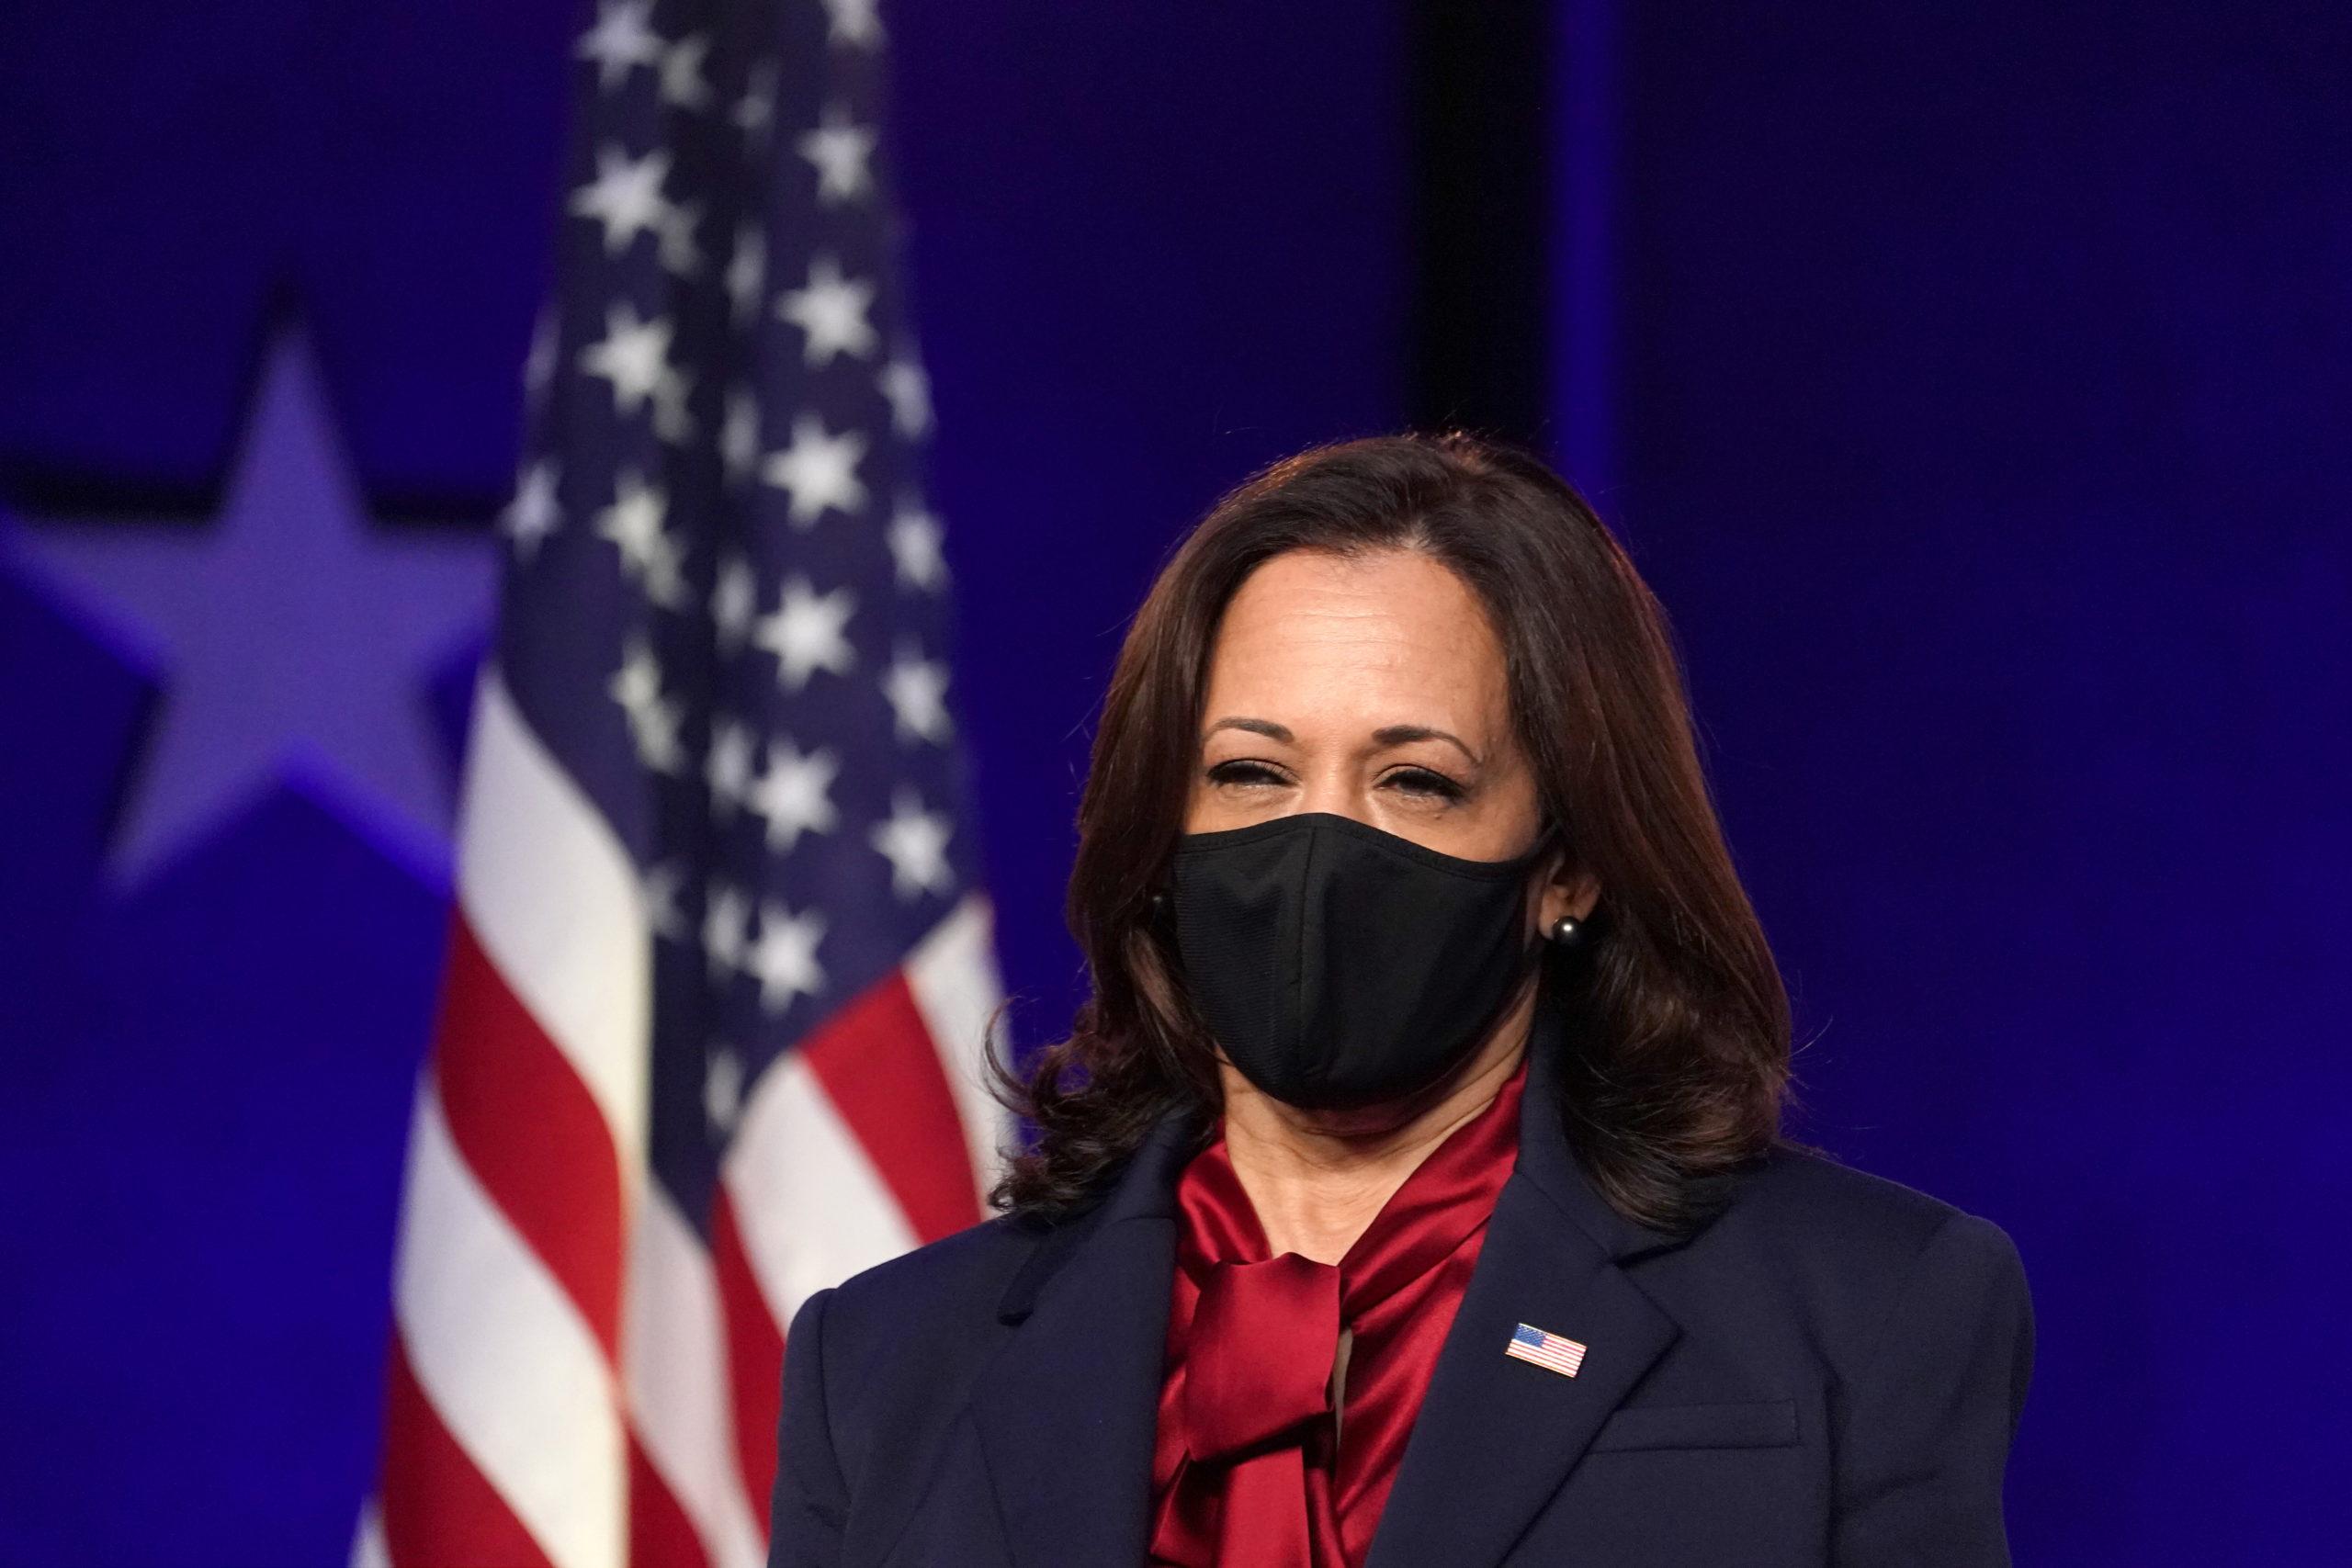 Камала Харріс стане першою жінкою на посаді віце-президента США: що про неї відомо